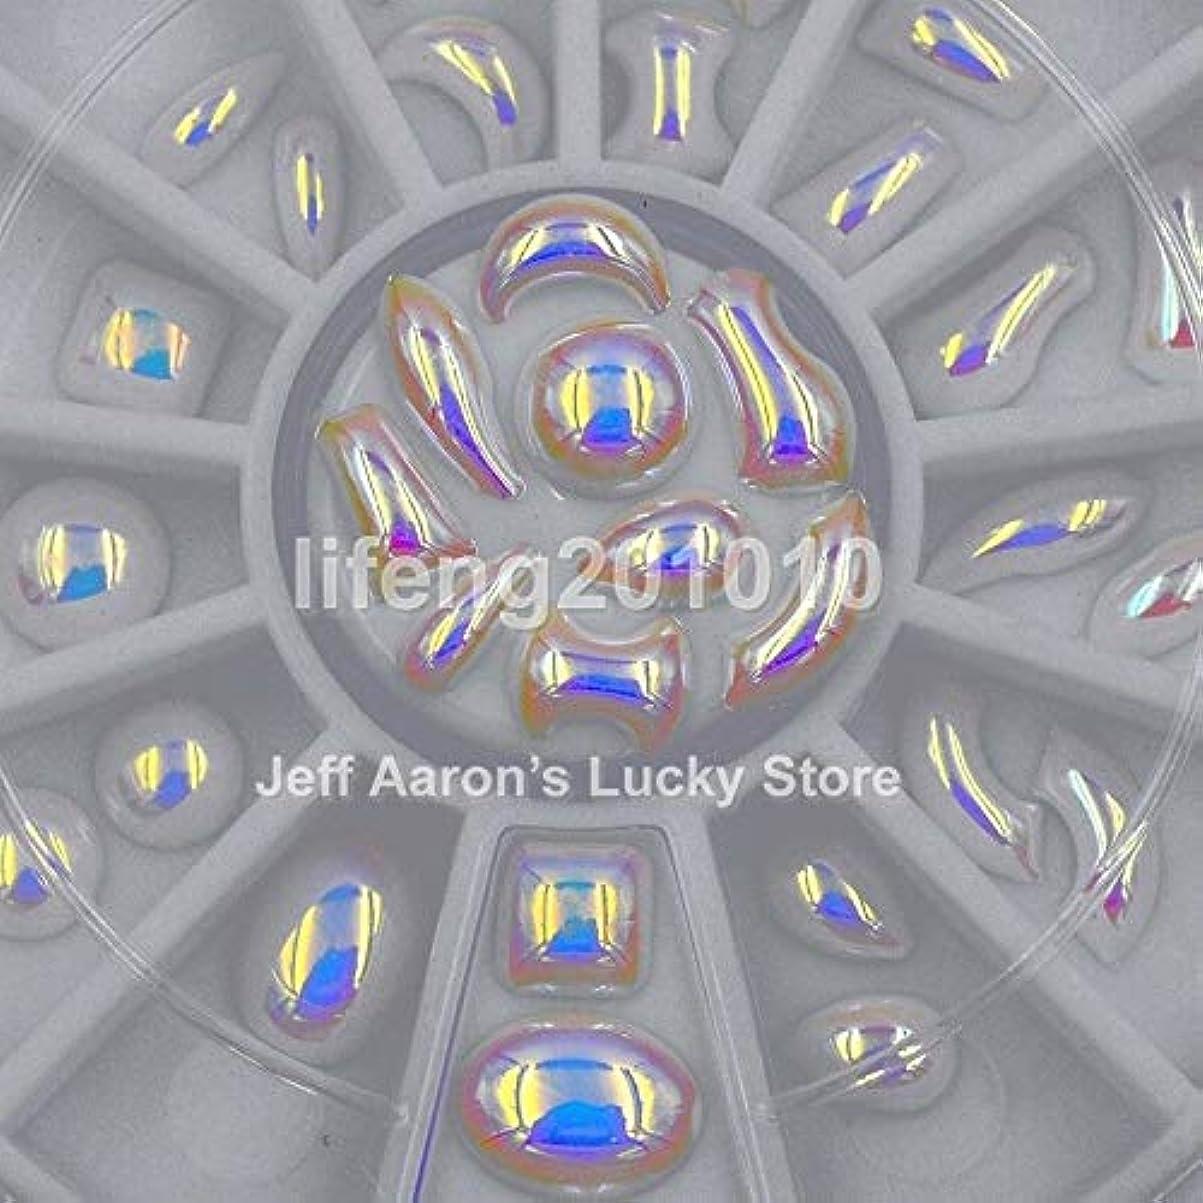 微視的おとうさんエレクトロニックFidgetGear 混合デザインホワイトAB 3dキラキラネイルアートデコレーションラインストーンパールホイール新しい ホワイトAB